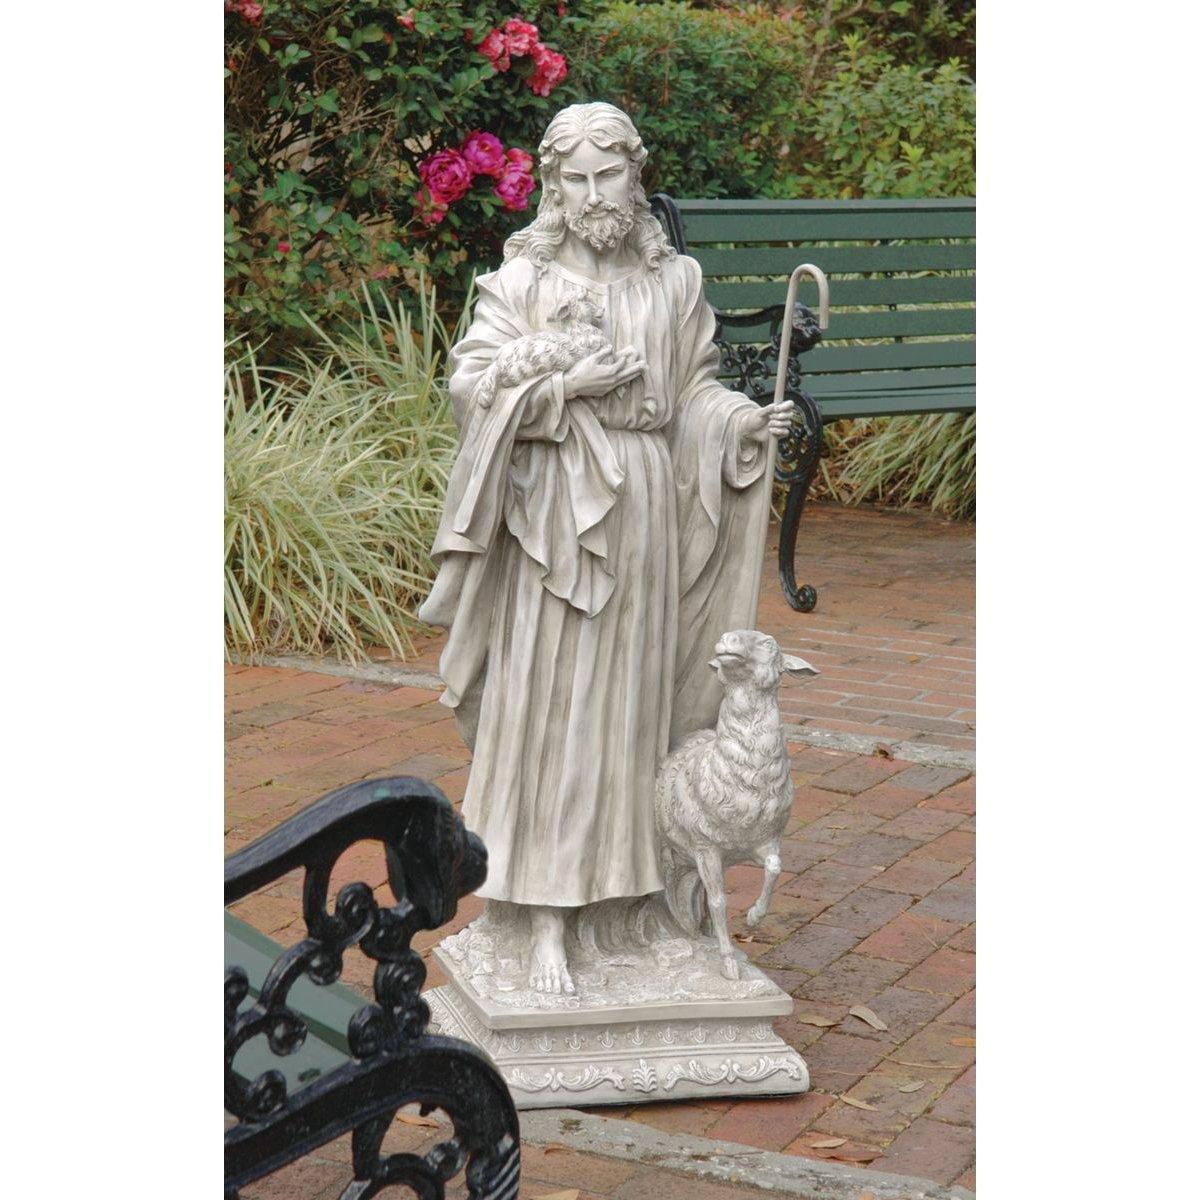 Amazon.com : Design Toscano Jesus The Good Shepherd Garden Statue Size:  Large : Outdoor Statues : Garden U0026 Outdoor